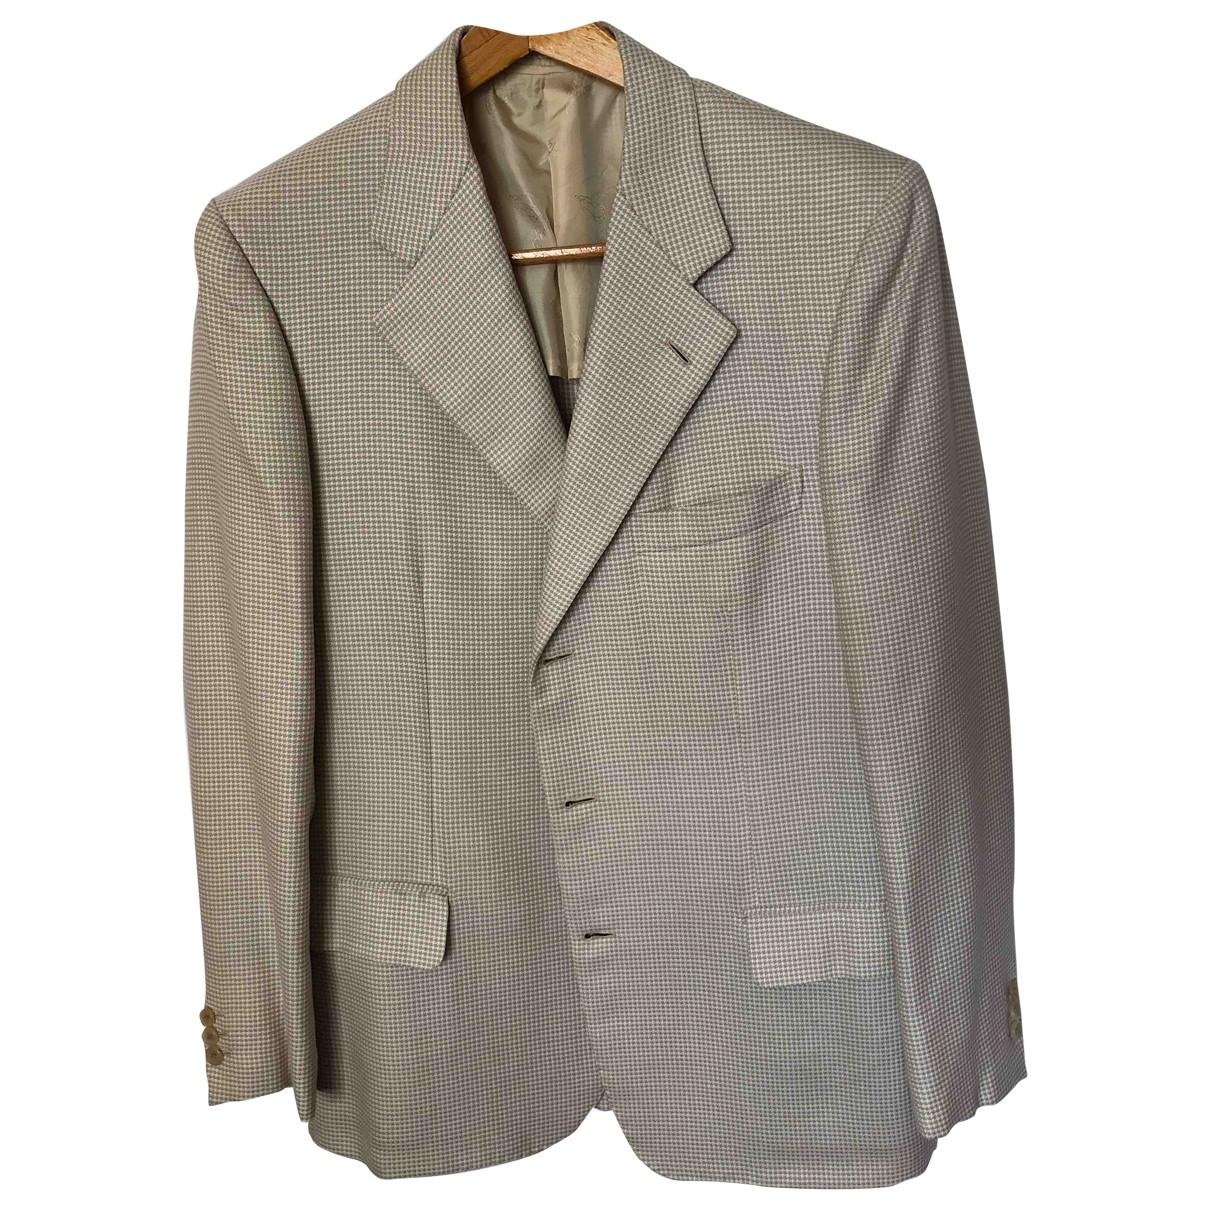 Brioni \N Beige Wool jacket  for Men 52 IT